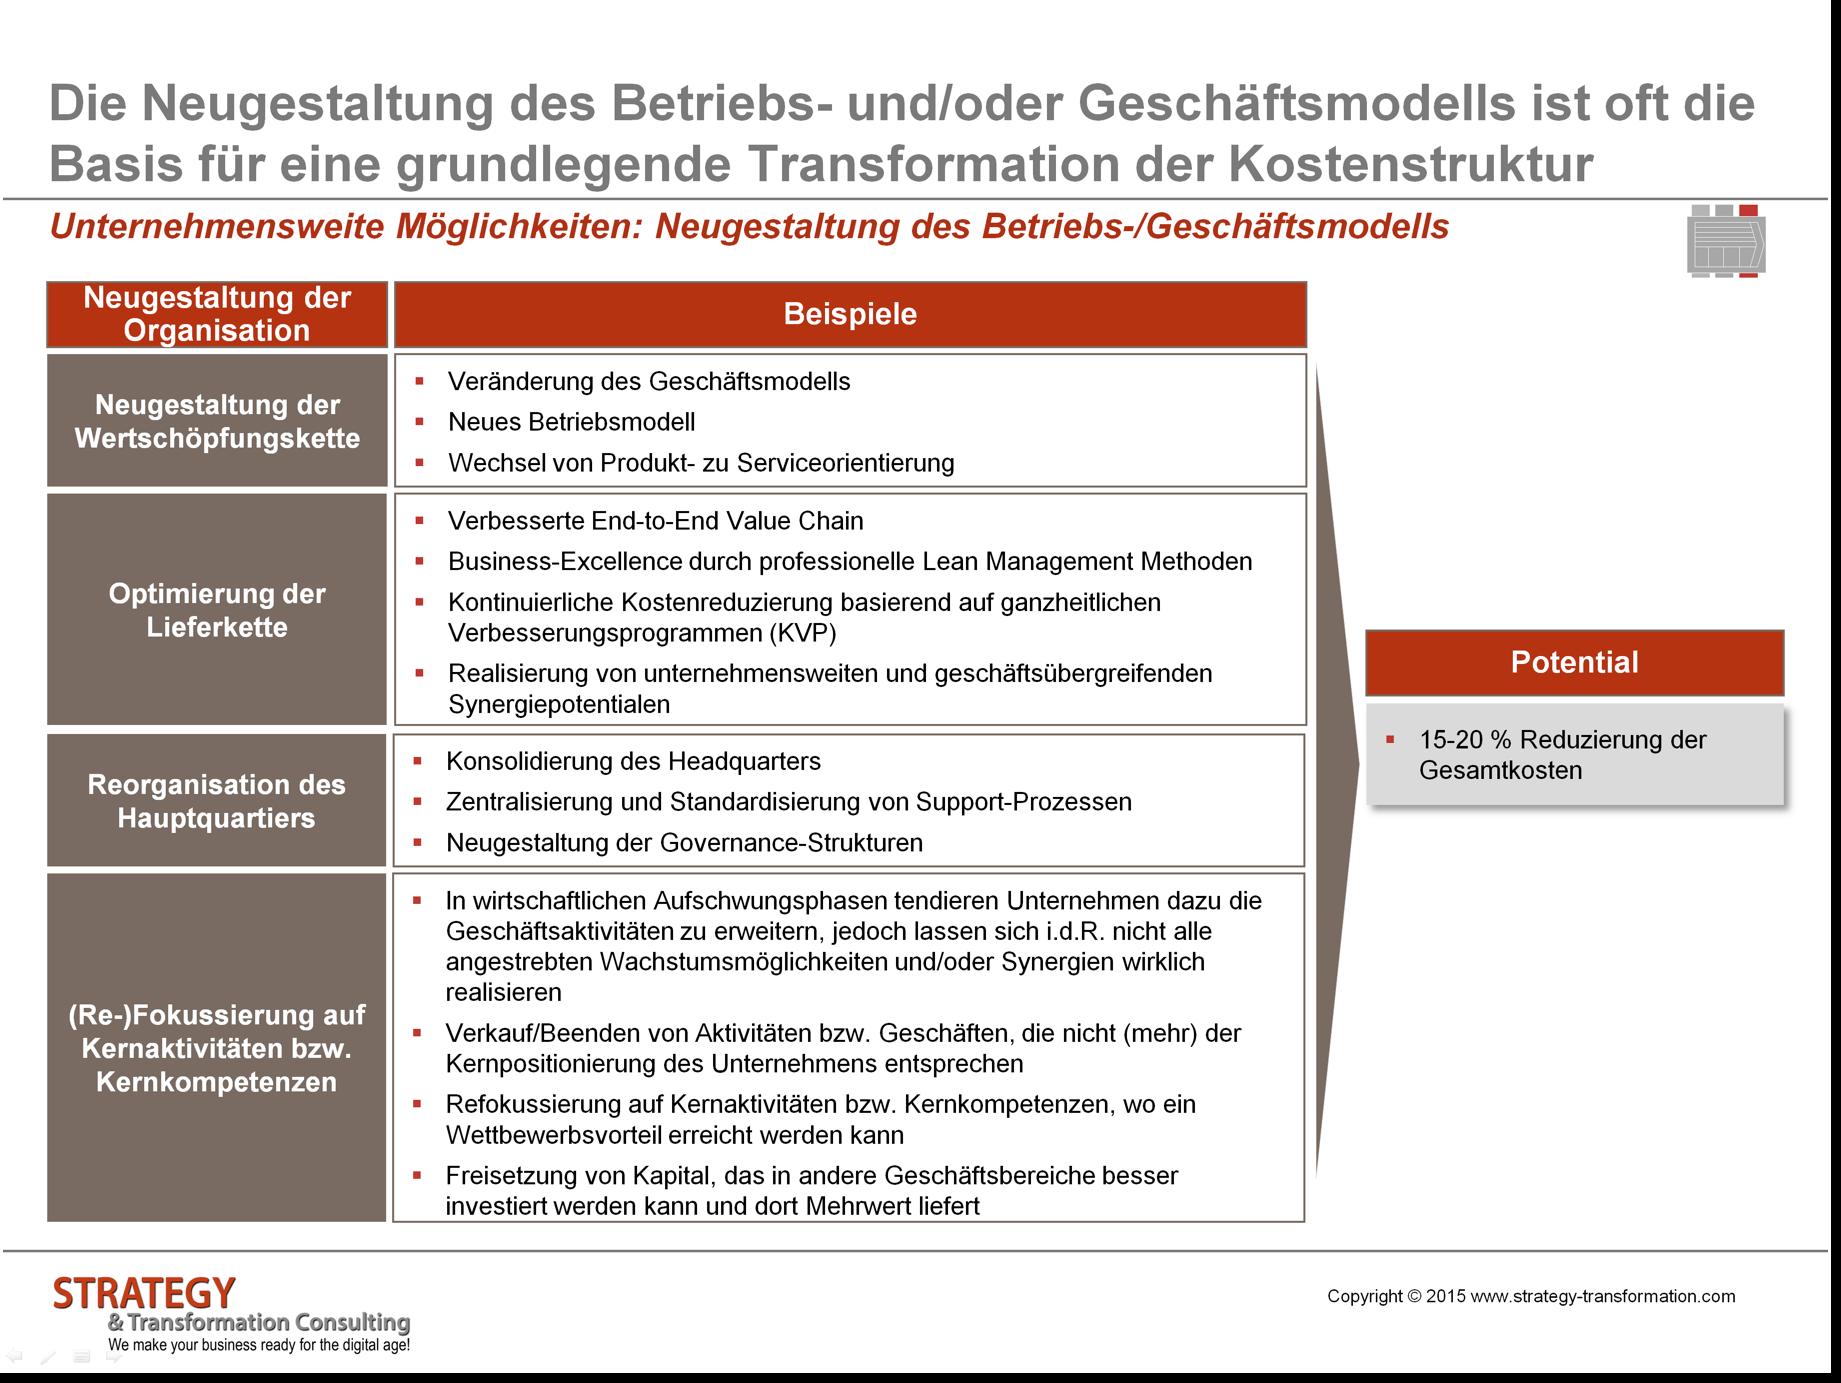 Neugestaltung des Betriebs- bzw. Geschäftsmodells